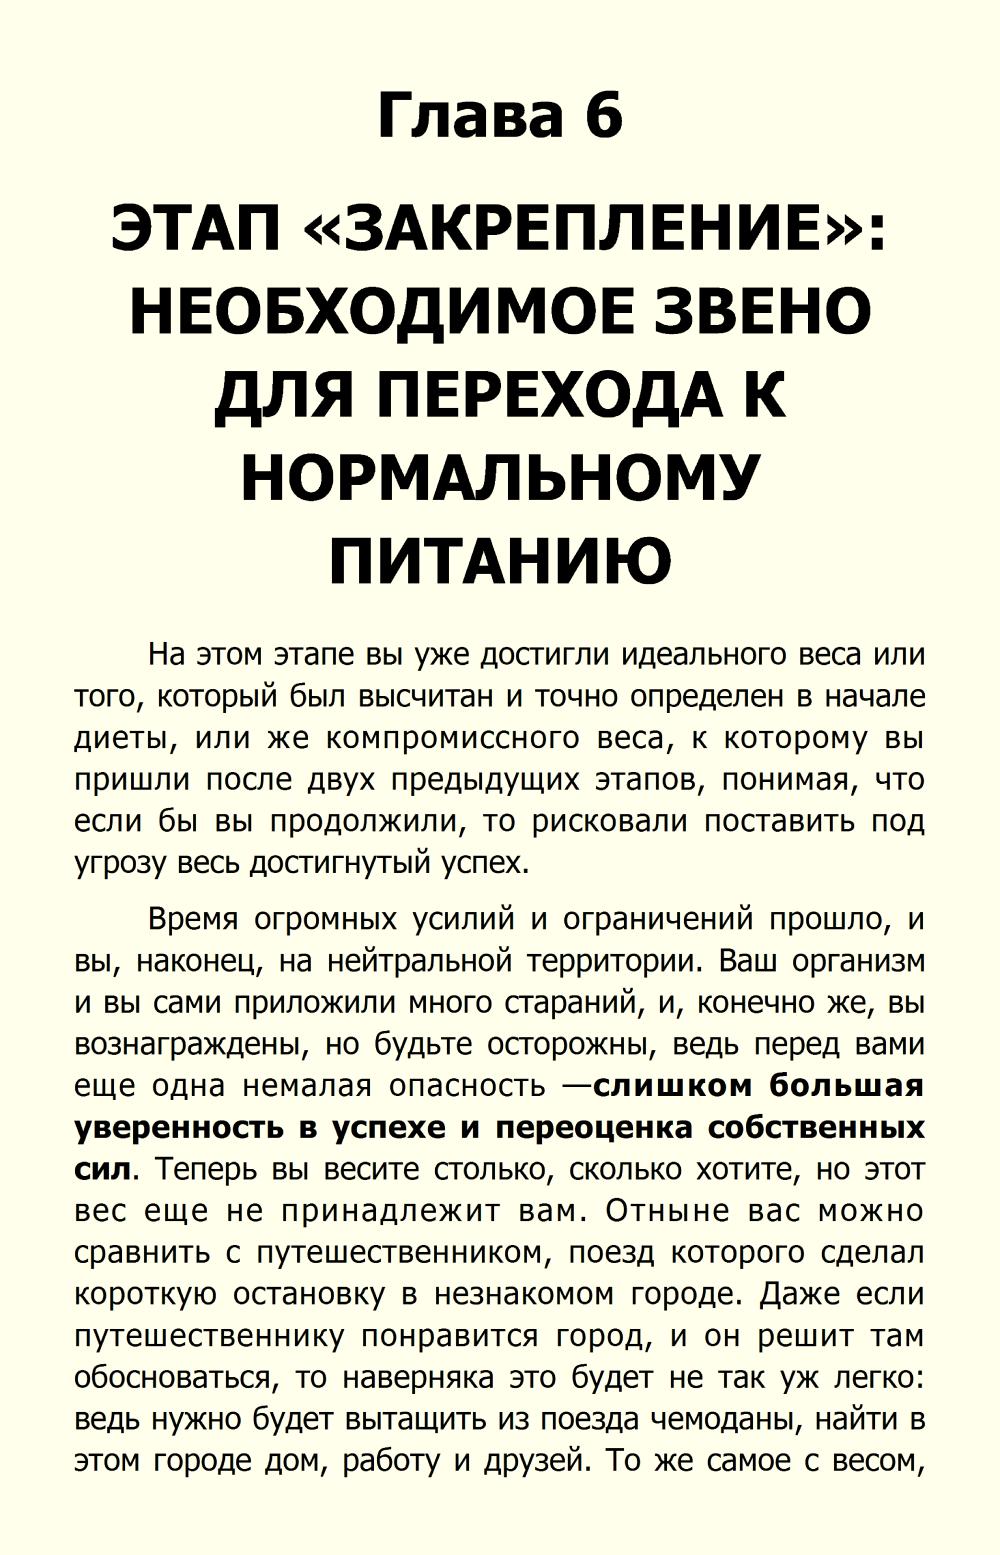 http://i5.imageban.ru/out/2014/01/21/3487c689548faf9e438f66e0dd695d82.jpg